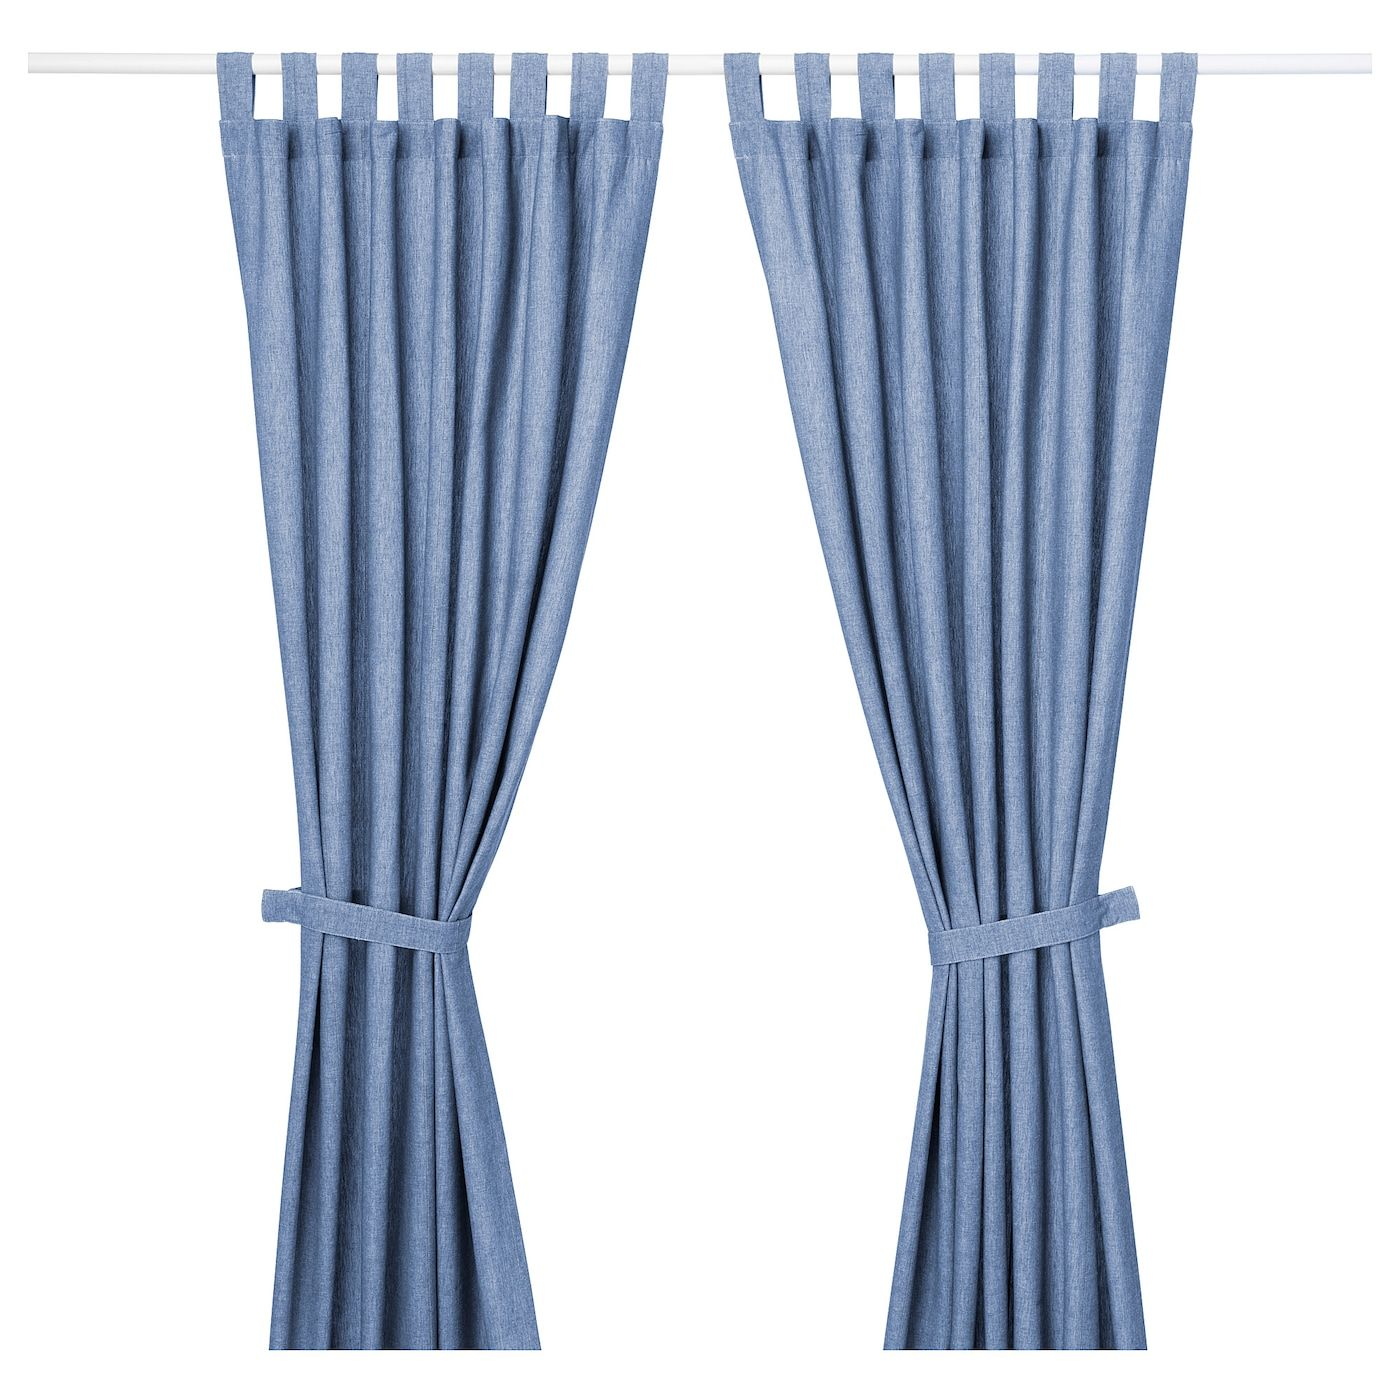 Full Size of Gardinen Doppelfenster Lenda 2 Raffhalter Leuchtend Blau Wohnzimmer Schlafzimmer Fenster Für Die Küche Scheibengardinen Wohnzimmer Gardinen Doppelfenster